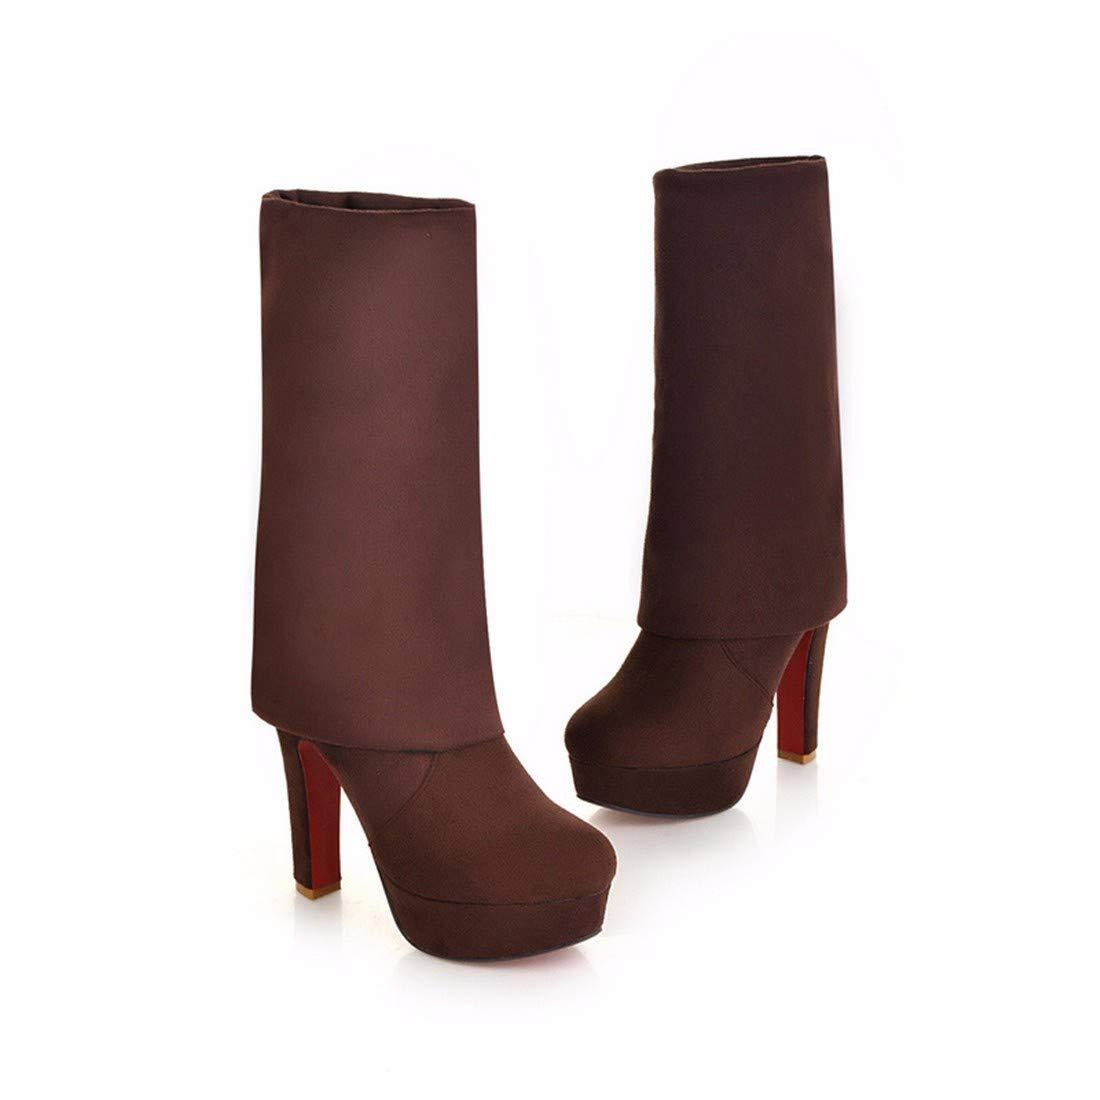 AIKAKA Frauen Herbst und Winter Europa und Amerika Sexy warm Overknee High Heel Schuhe Hohe Tube Stiefel